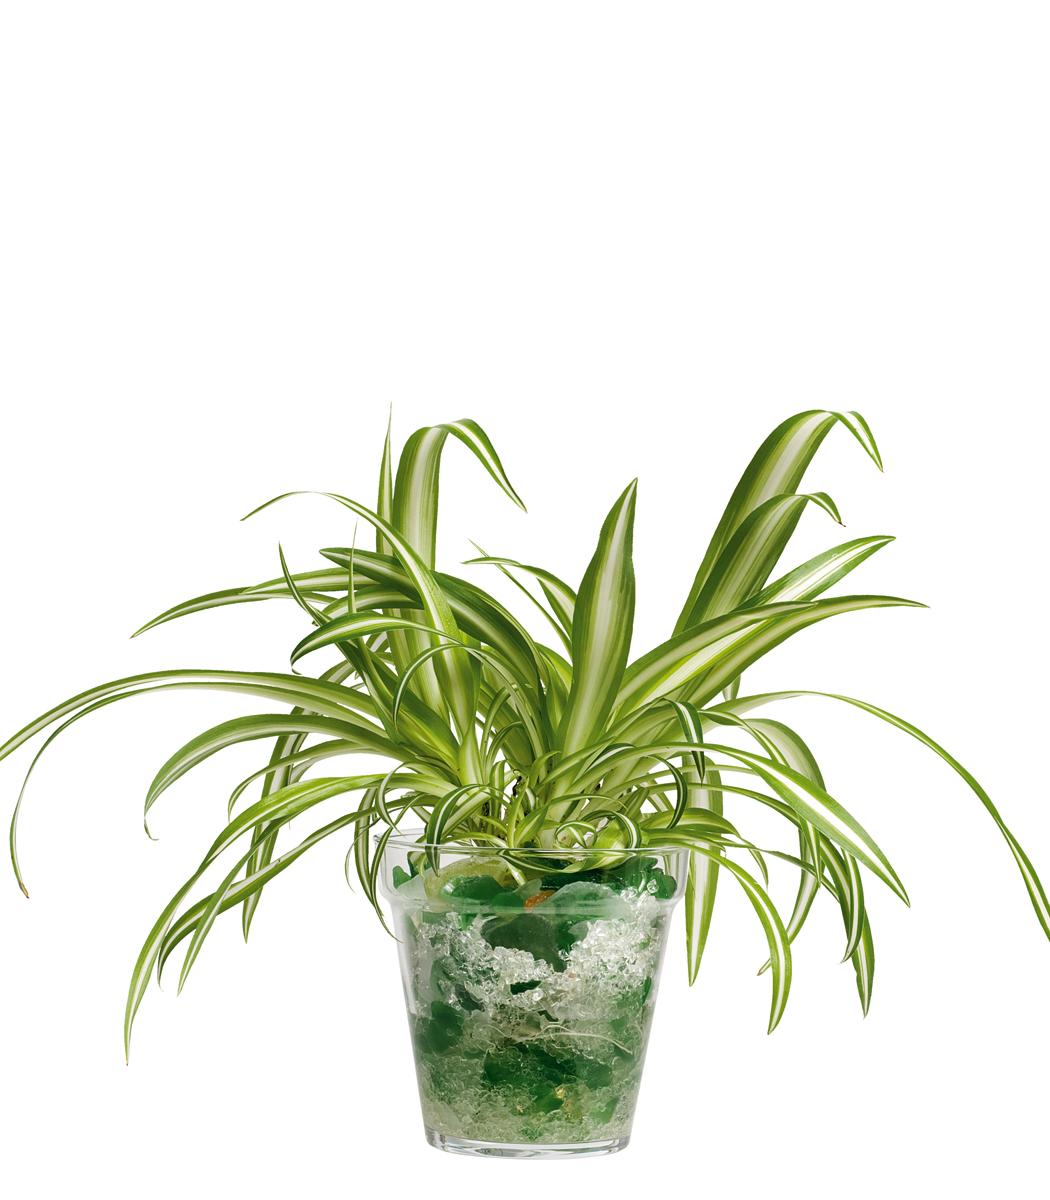 Giardino stilizzato con piante particolari da giardino for Prezzi piante da giardino